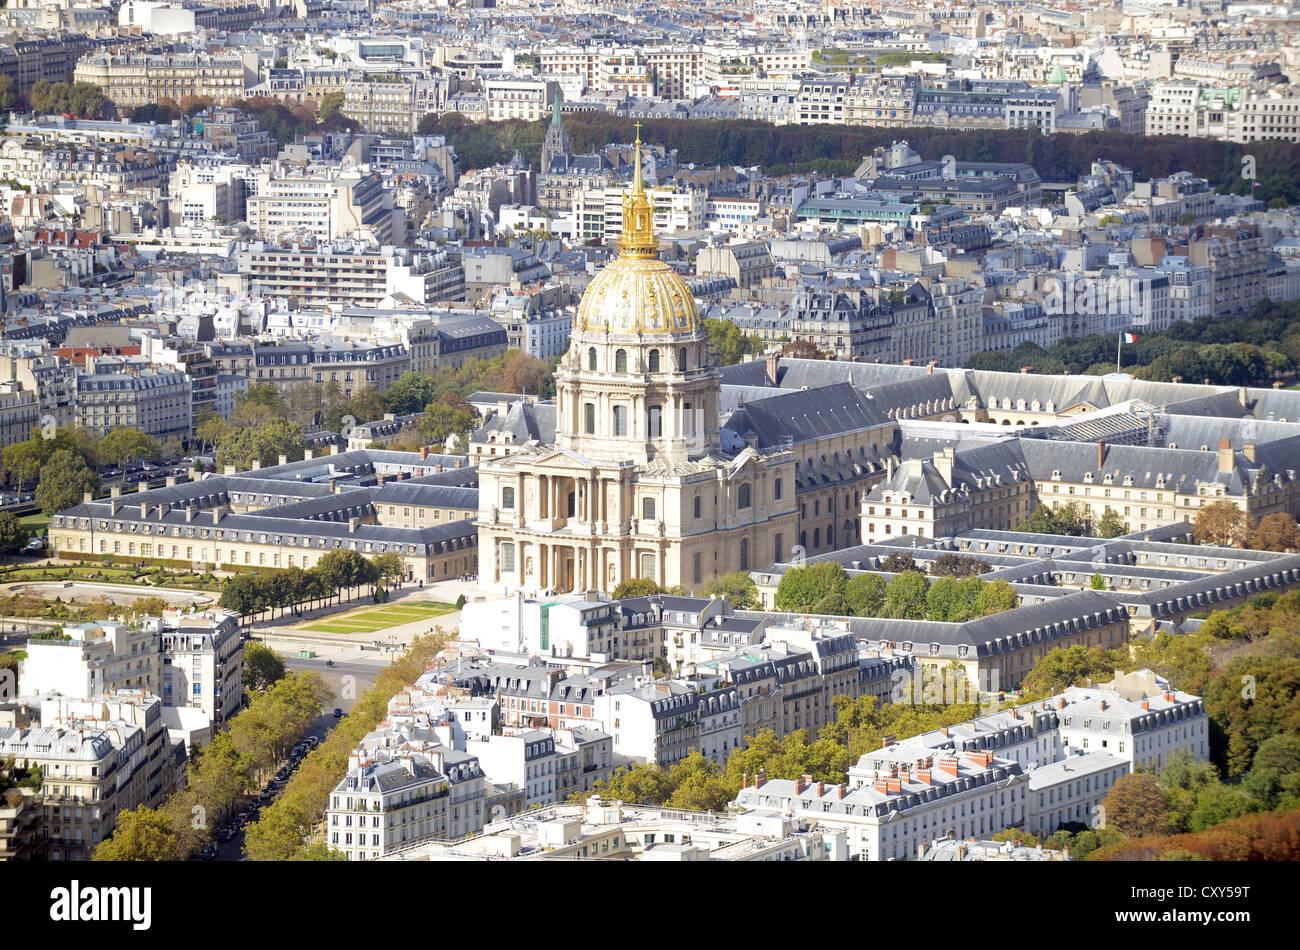 """Les Invalides, Paris, France. Golden dome cathedral of the church at """"Les Invalides"""" Paris, France Stock Photo"""